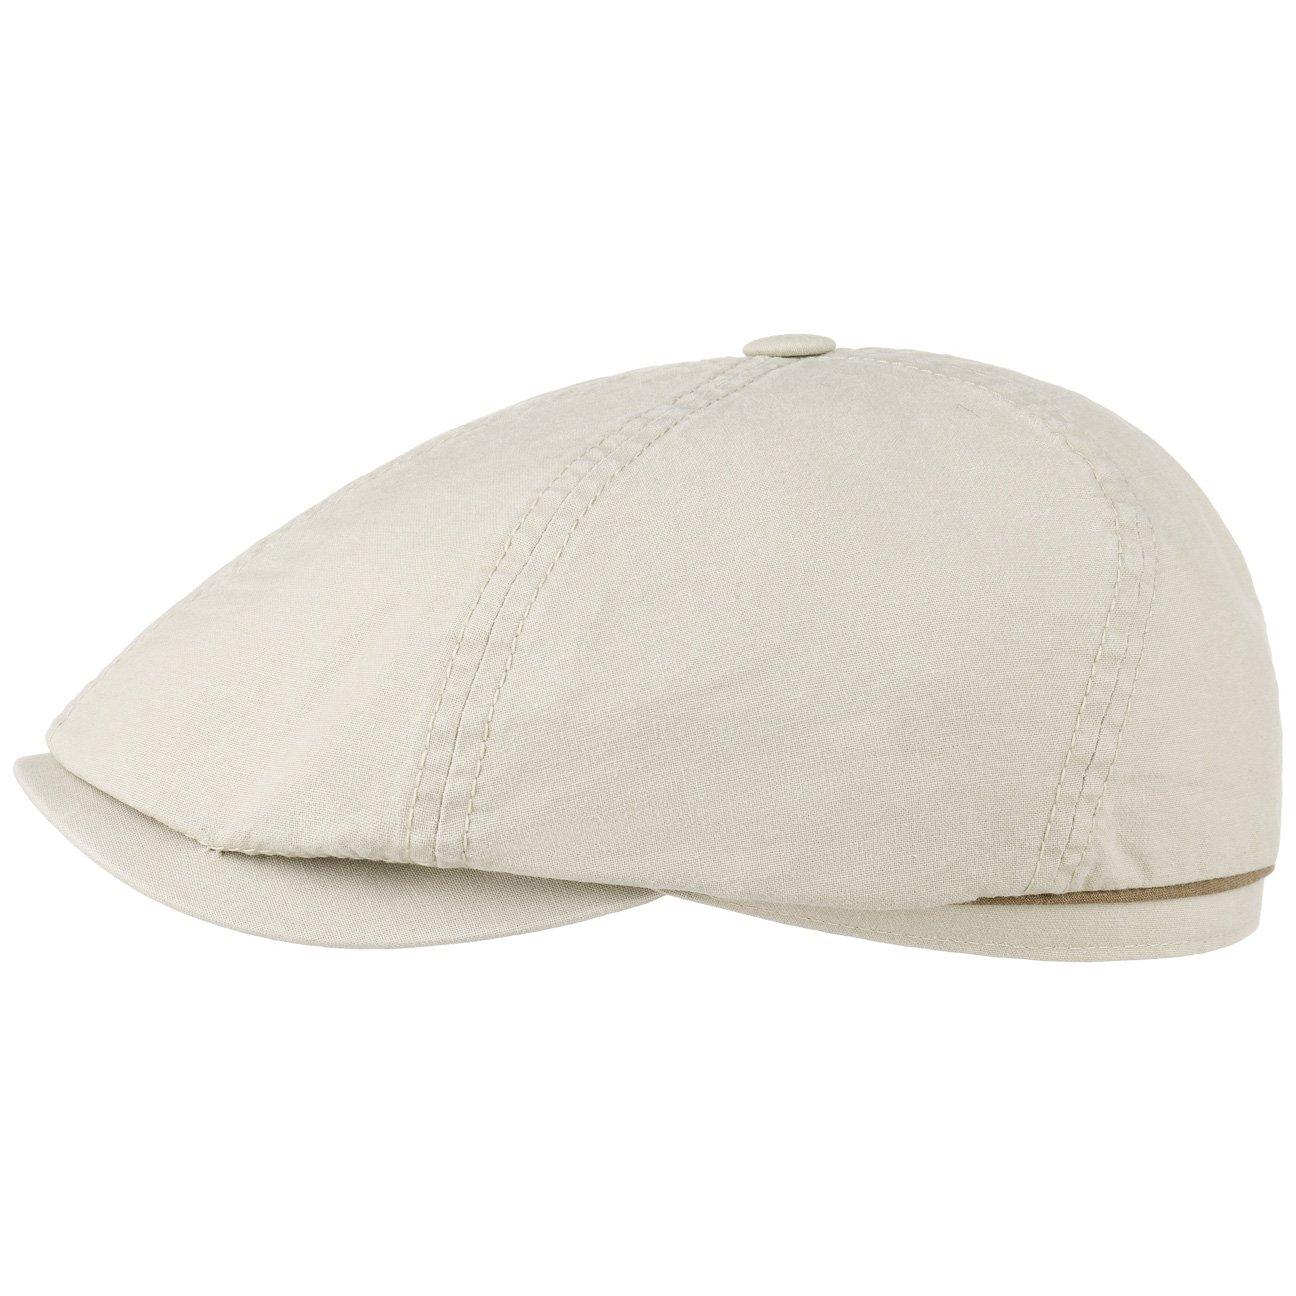 Stetson Coppola Delave Organic Cotton Uomo Berretto Estivo Cappello Piatto con Visiera Autunno//Inverno Primavera//Estate